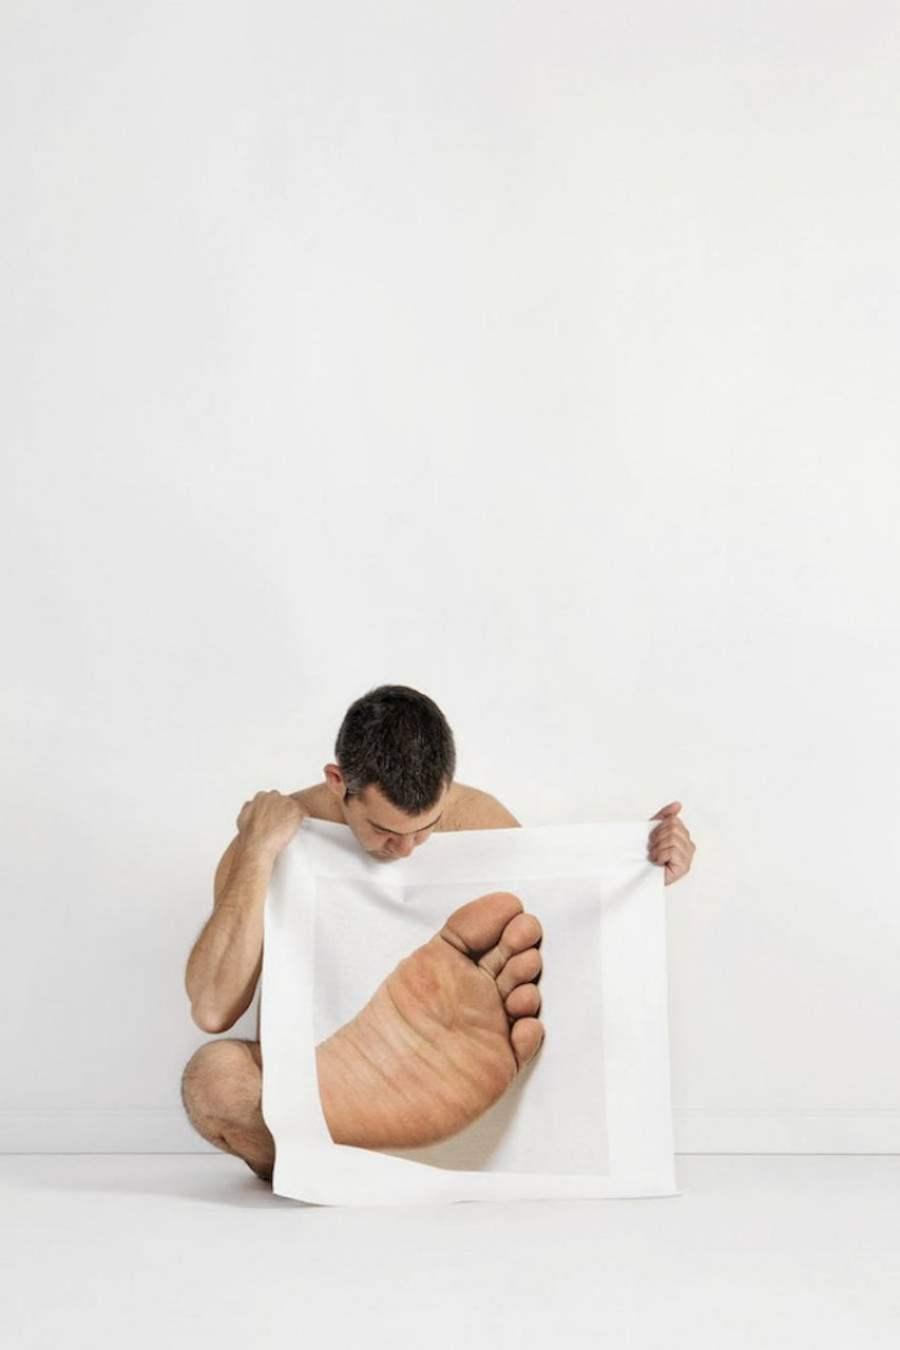 # Meltem Isik大尺寸的身體局部圖:讓你以不同視角檢視自我 6